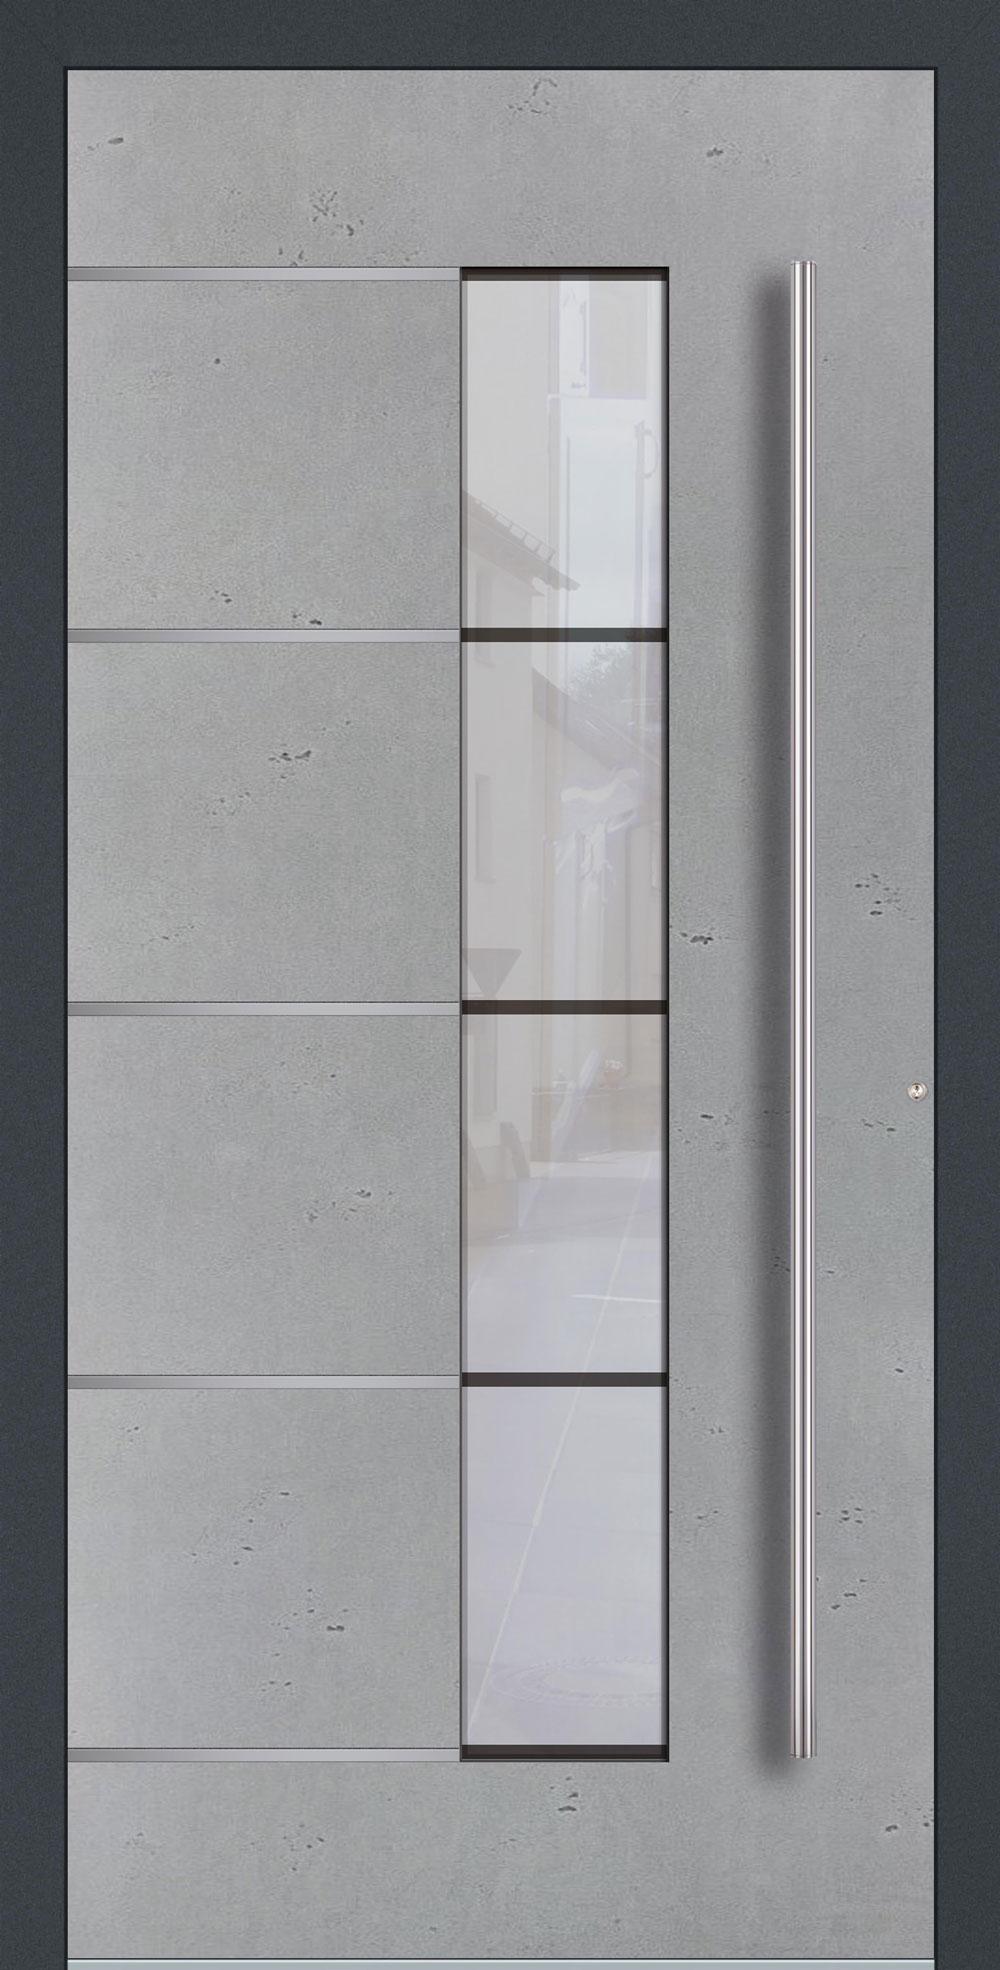 BEG02 ISO-Wärmeschutzverglasung Float mattiert mit klaren Streifen Betonoptik Vintage & Streifen in Edelstahl-Optik einseitig außen Anwendungsbeispiel in flügelüberdeckend, Edelstahlgriff 1600 ES